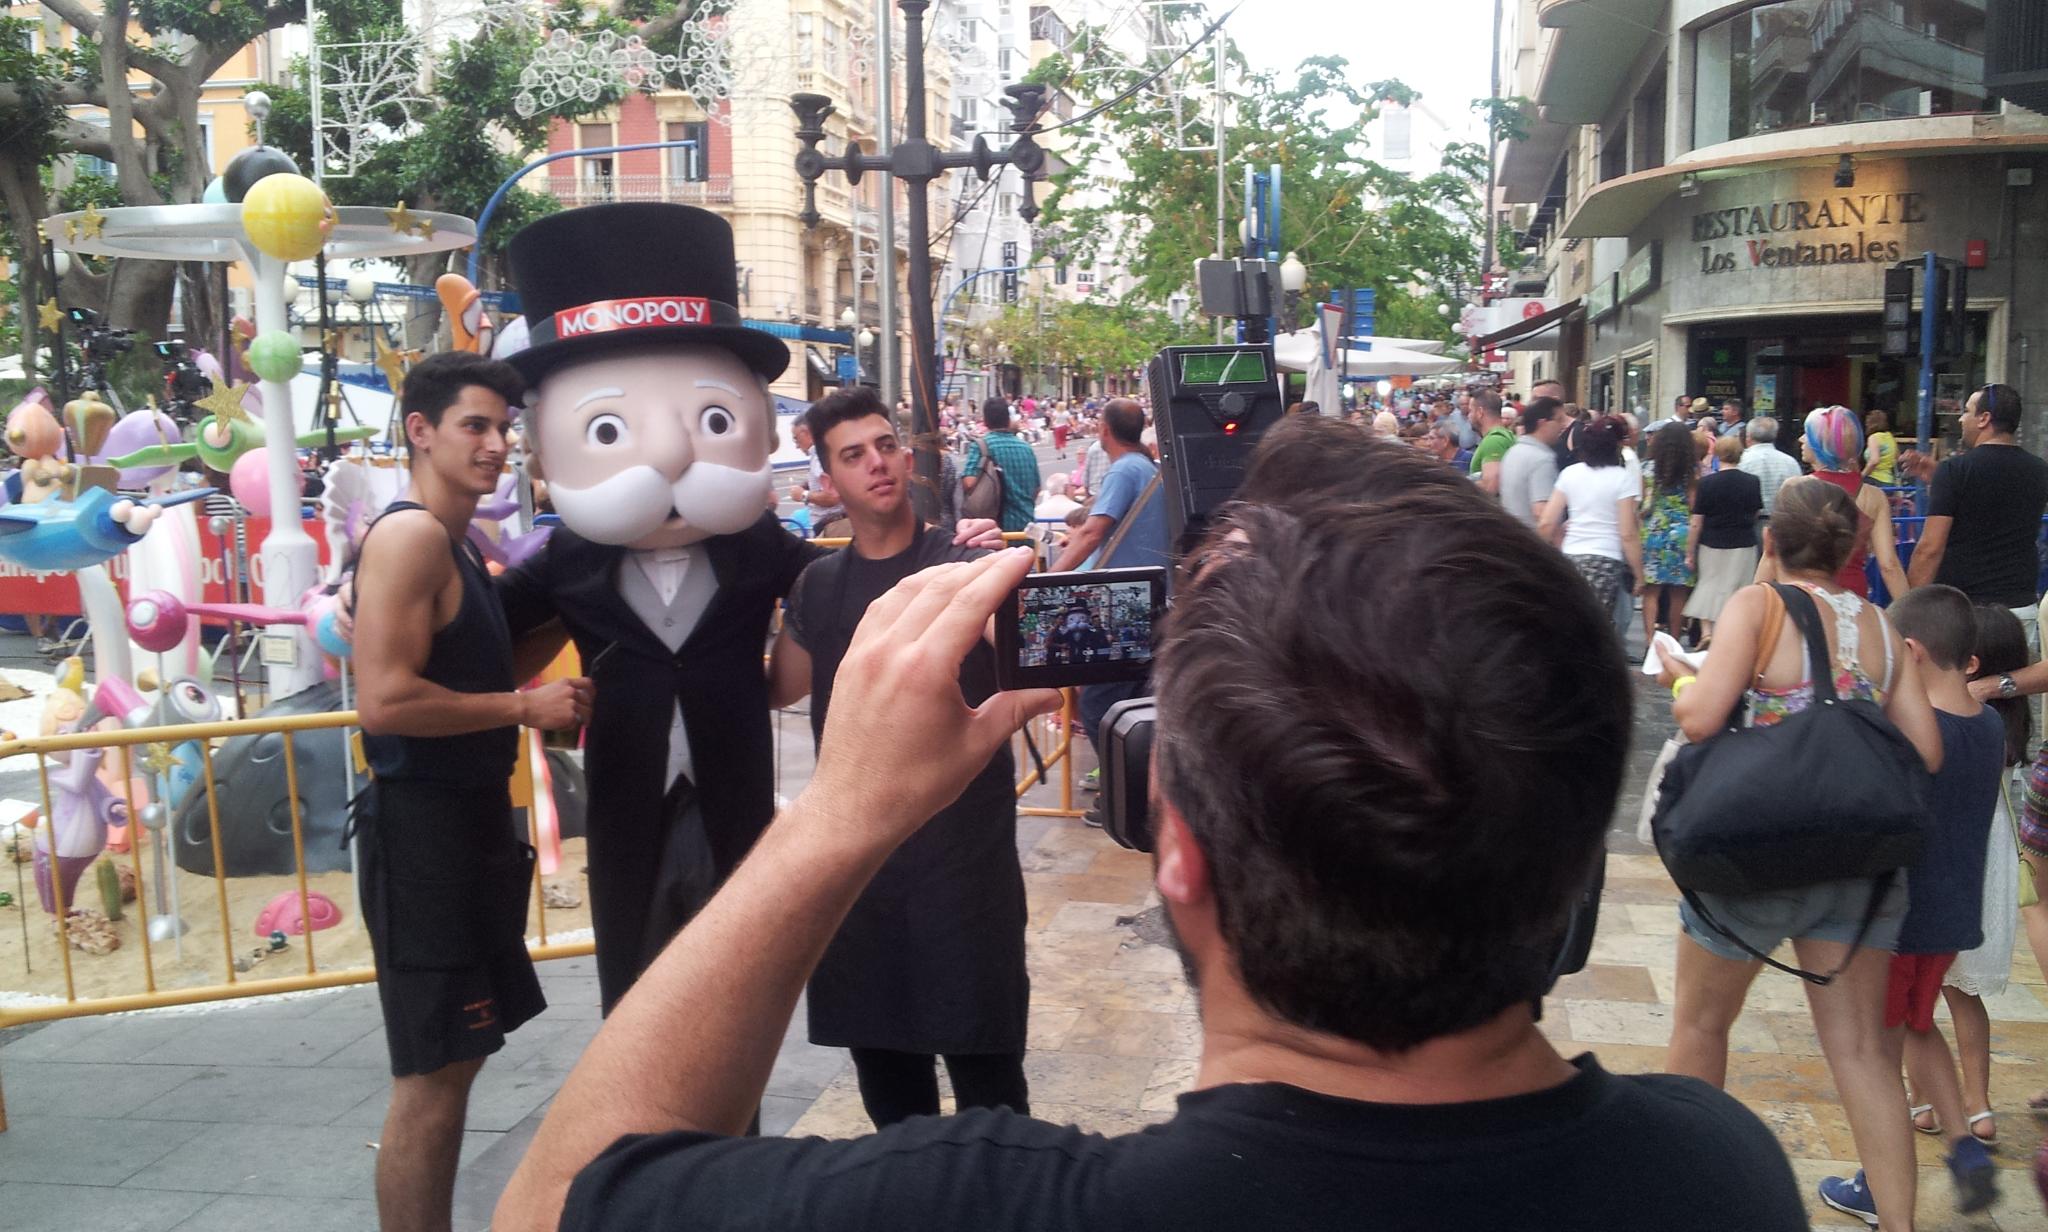 HV Producciones | Grabación ENG Monopoly